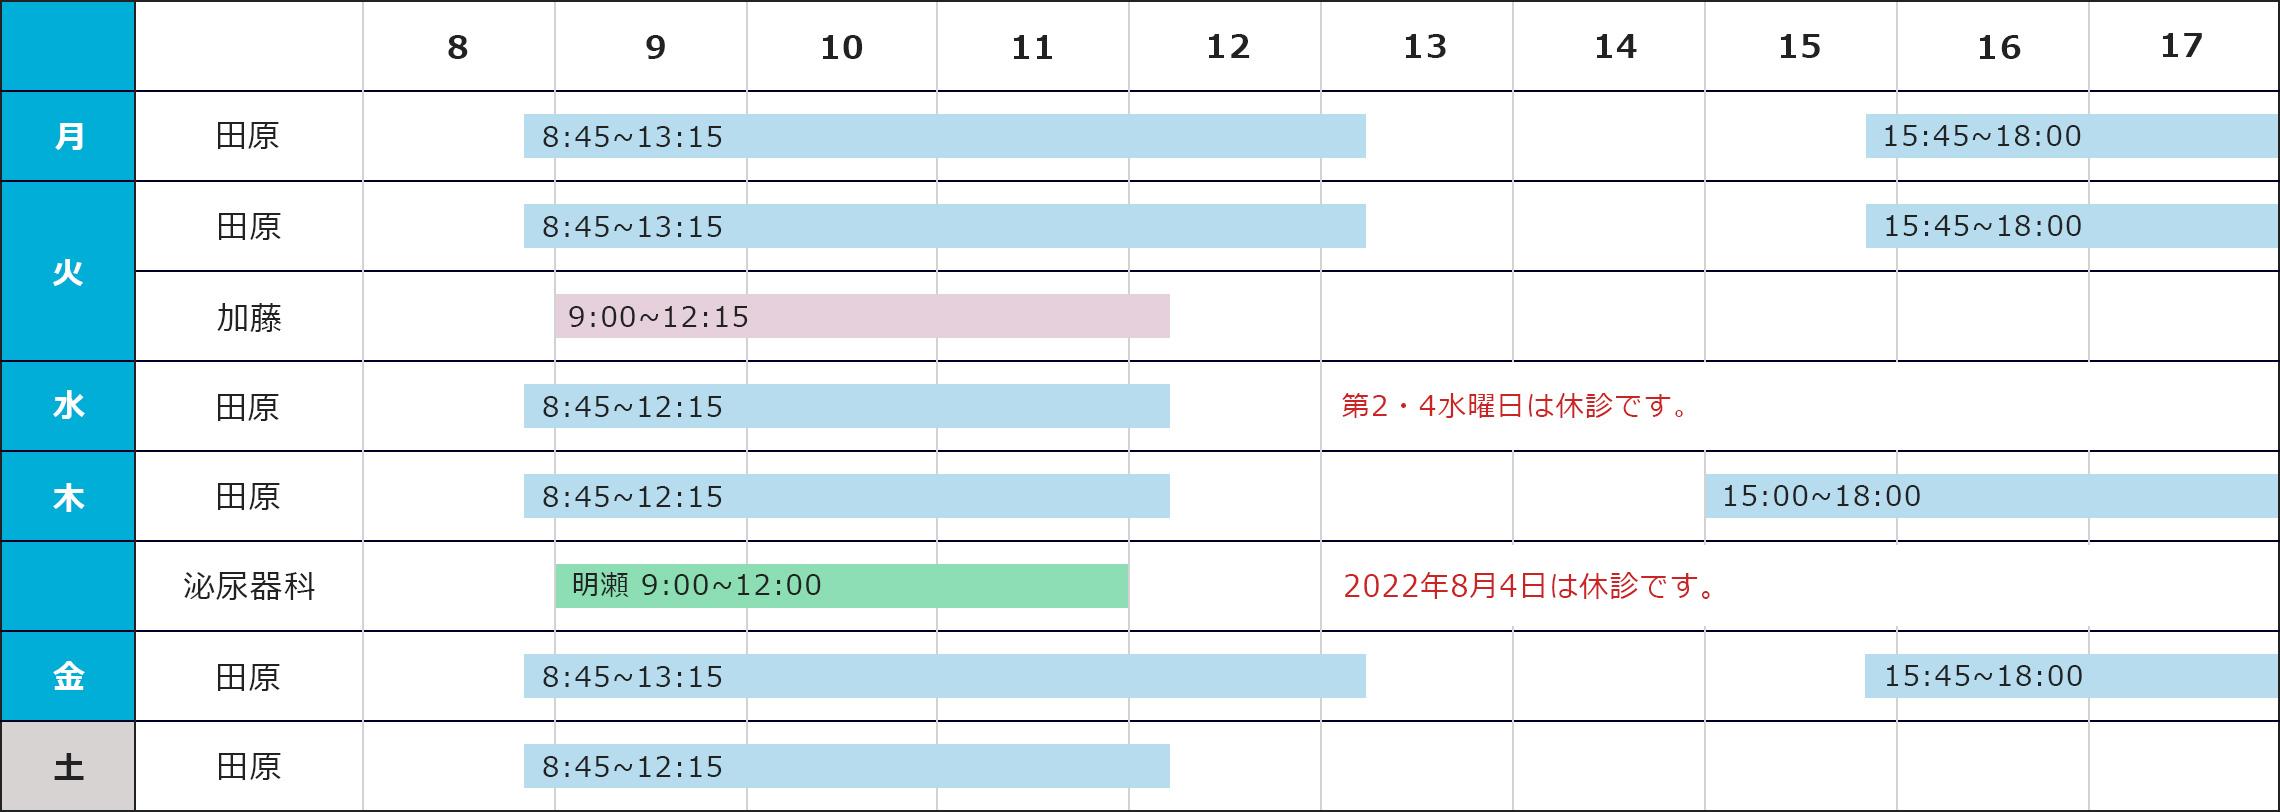 月曜日の担当医:田原医師の診療時間は8時45分から13時15分、15時45分から18時、火曜日の担当医:田原医師の診療時間は8時45分から13時15分、15時45分から18時、加藤医師の診療時間は9時から12時15分、水曜日の担当医:田原医師の診療時間は8時45分から12時15分。なお第2第4水曜日は休診です。木曜日の担当医:田原医師の診療時間は8時45分から12時15分、15分から18時、泌尿器科の明瀬医師の診療時間は9時から12時、泌尿器科の内田医師の診療時間は14時から17時、金曜日の担当医:田原医師の診療時間は8時45分から13時15分、15時45分から18時、土曜日の担当医:田原医師の診療時間は8時45分から12時15分